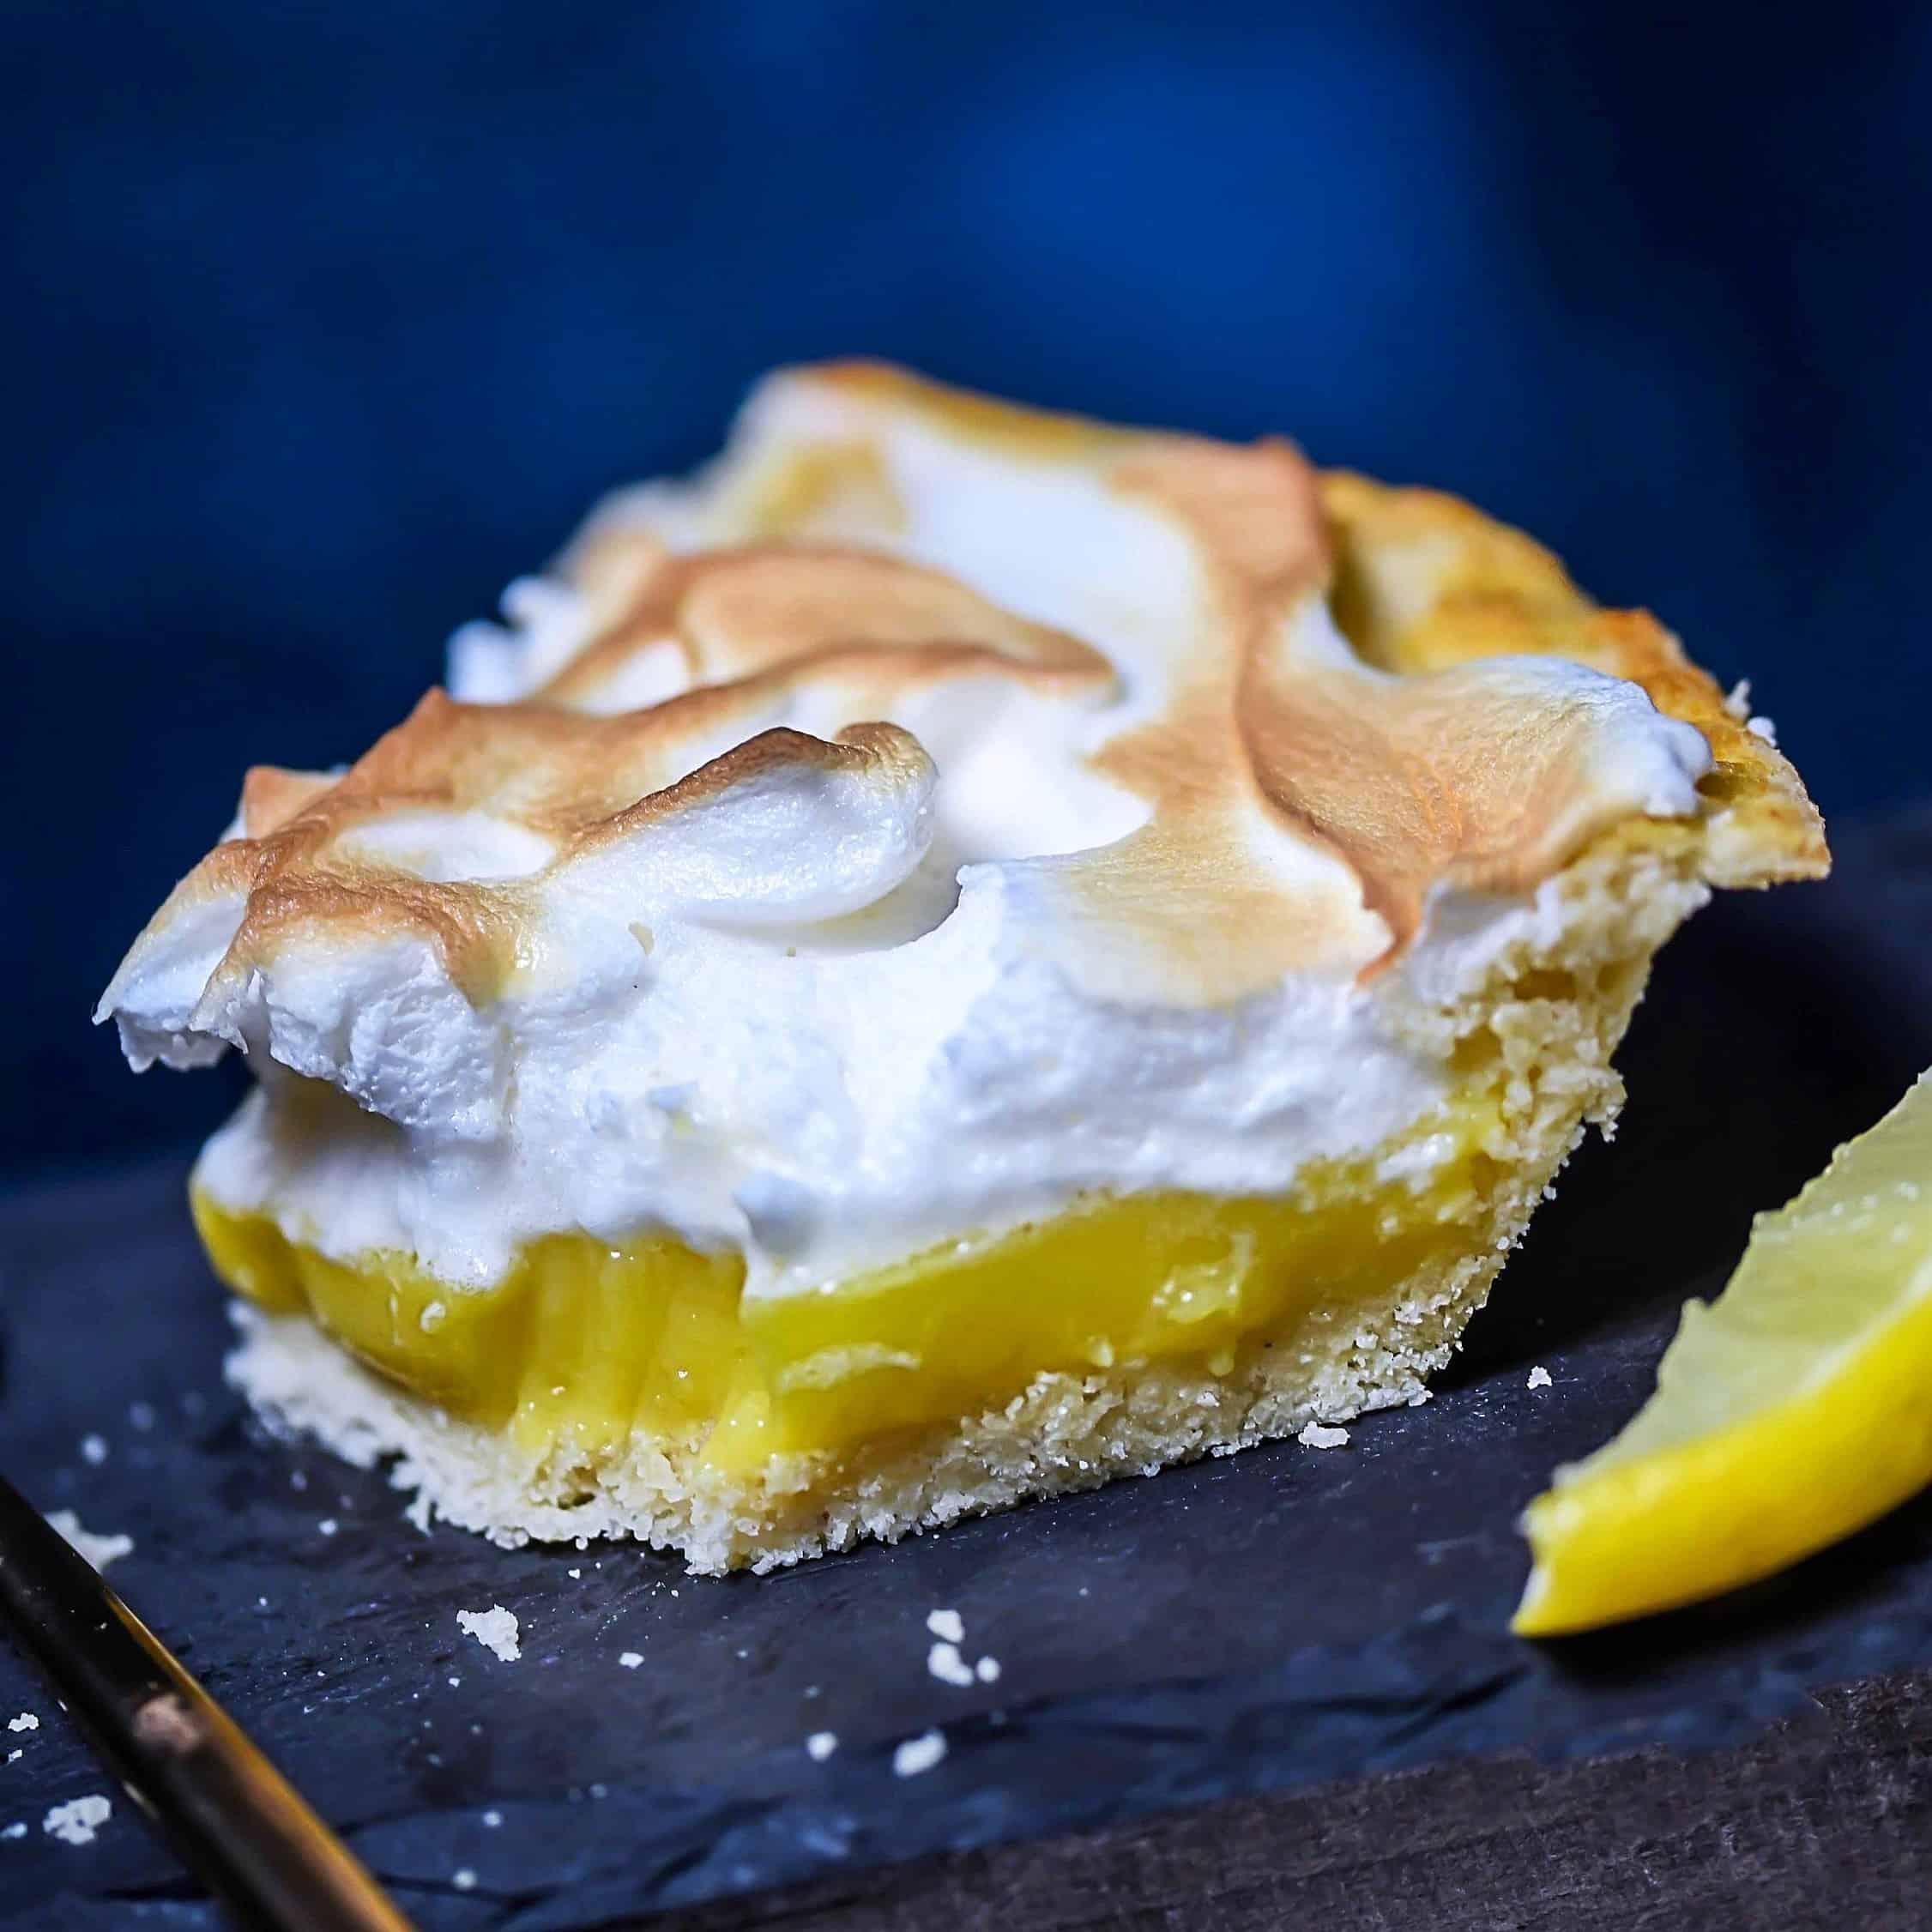 Low-Carb Lemon Meringue Pie (SCD Option)